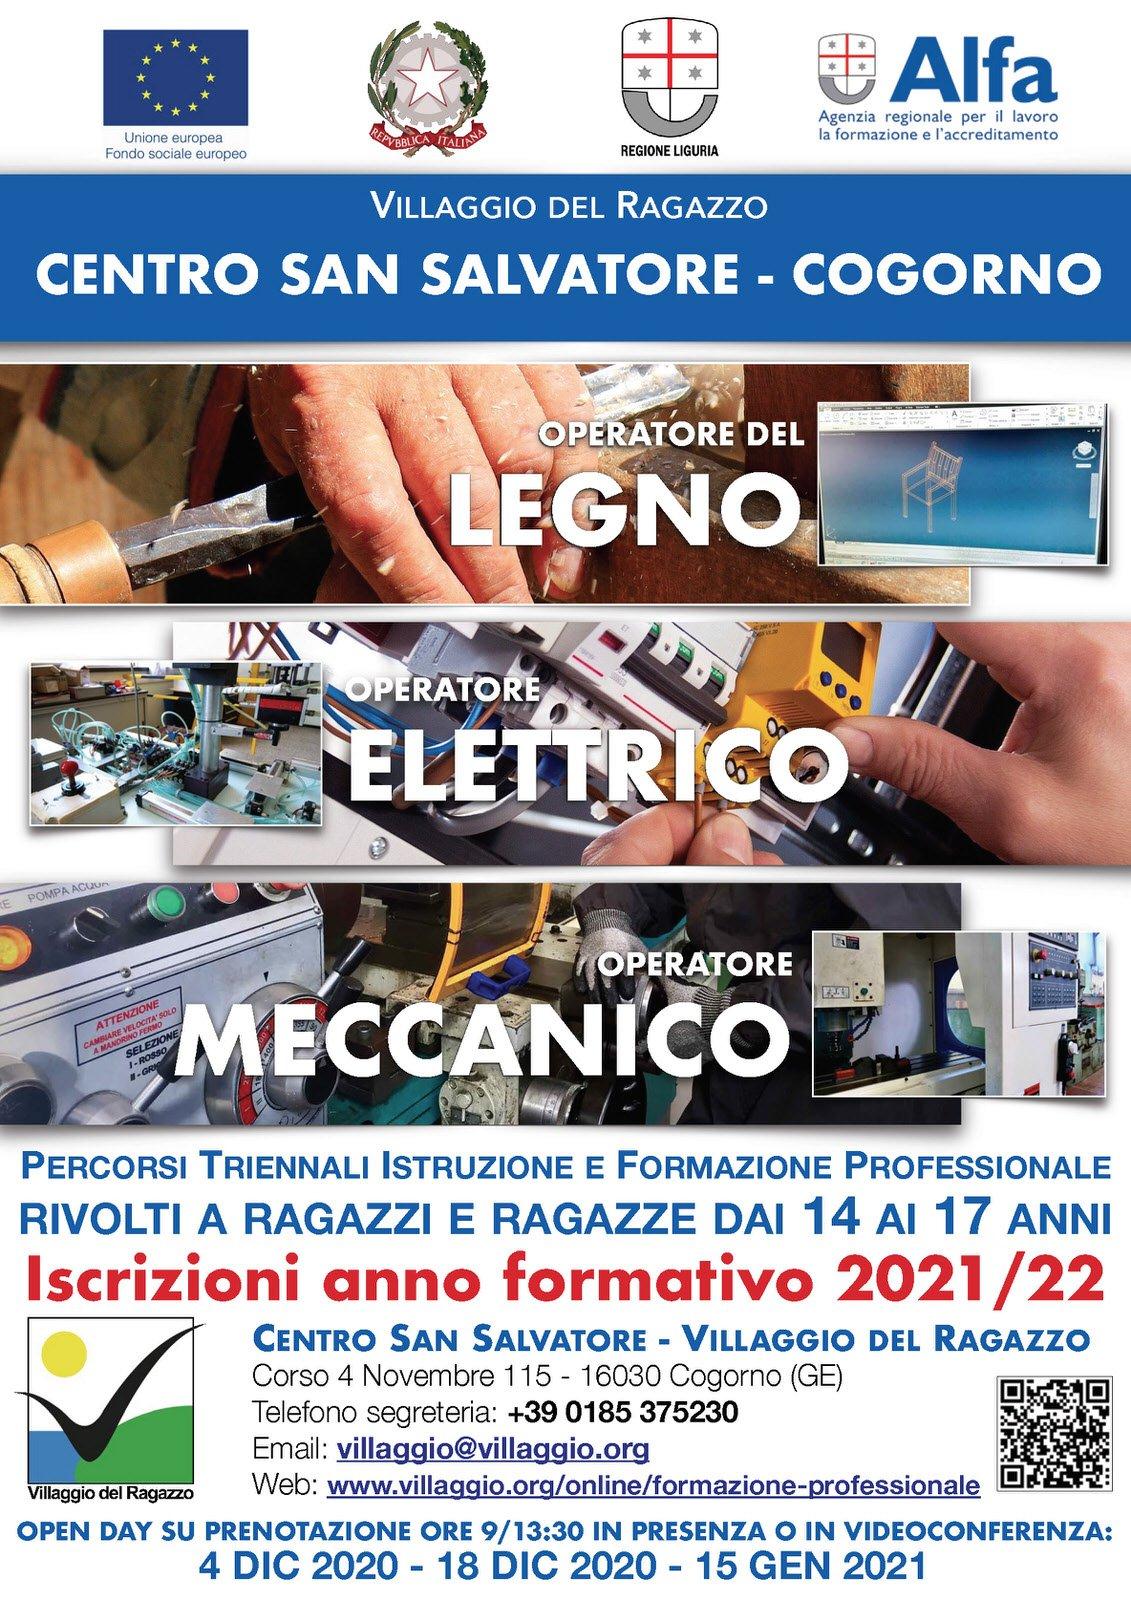 Cogorno: 'Villaggio', venerdì un nuovo open day